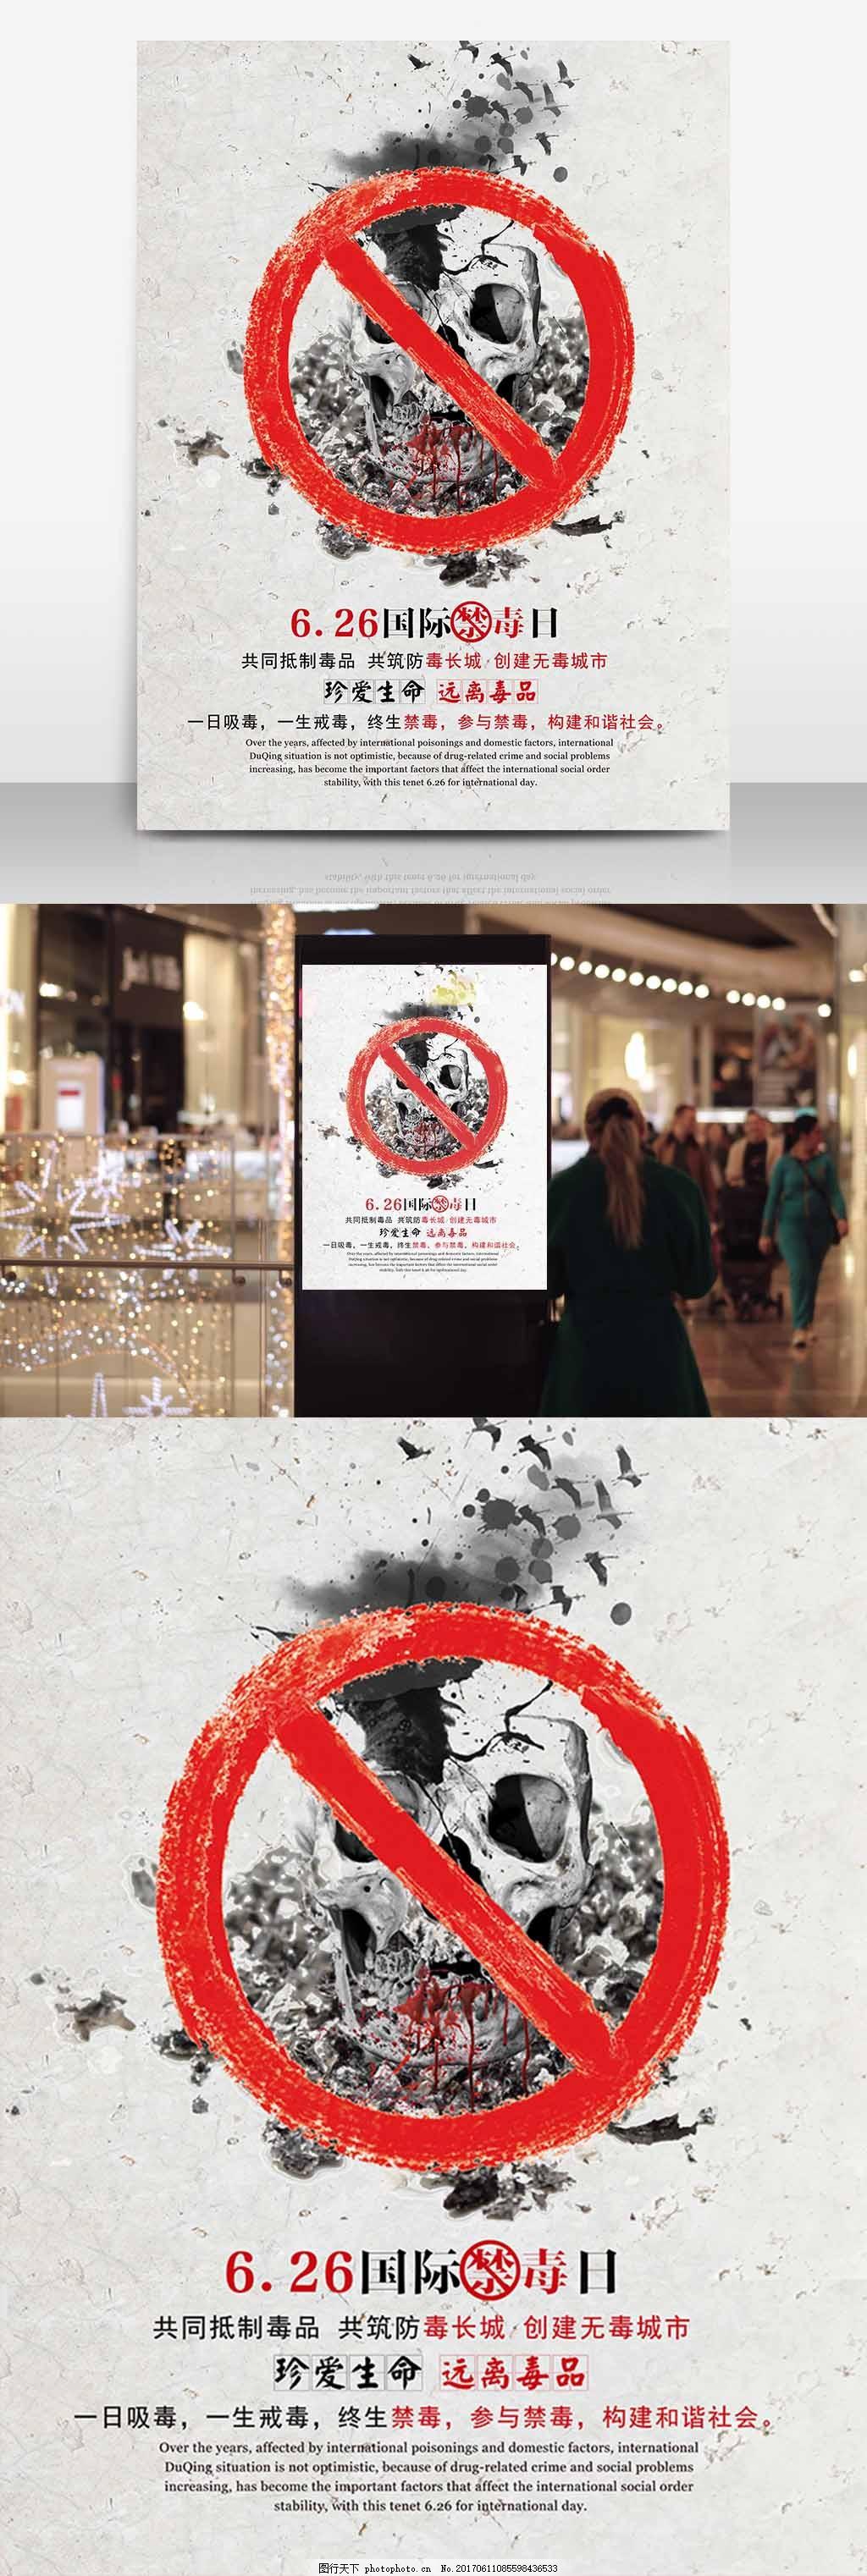 626国际禁毒日创意公益海报设计